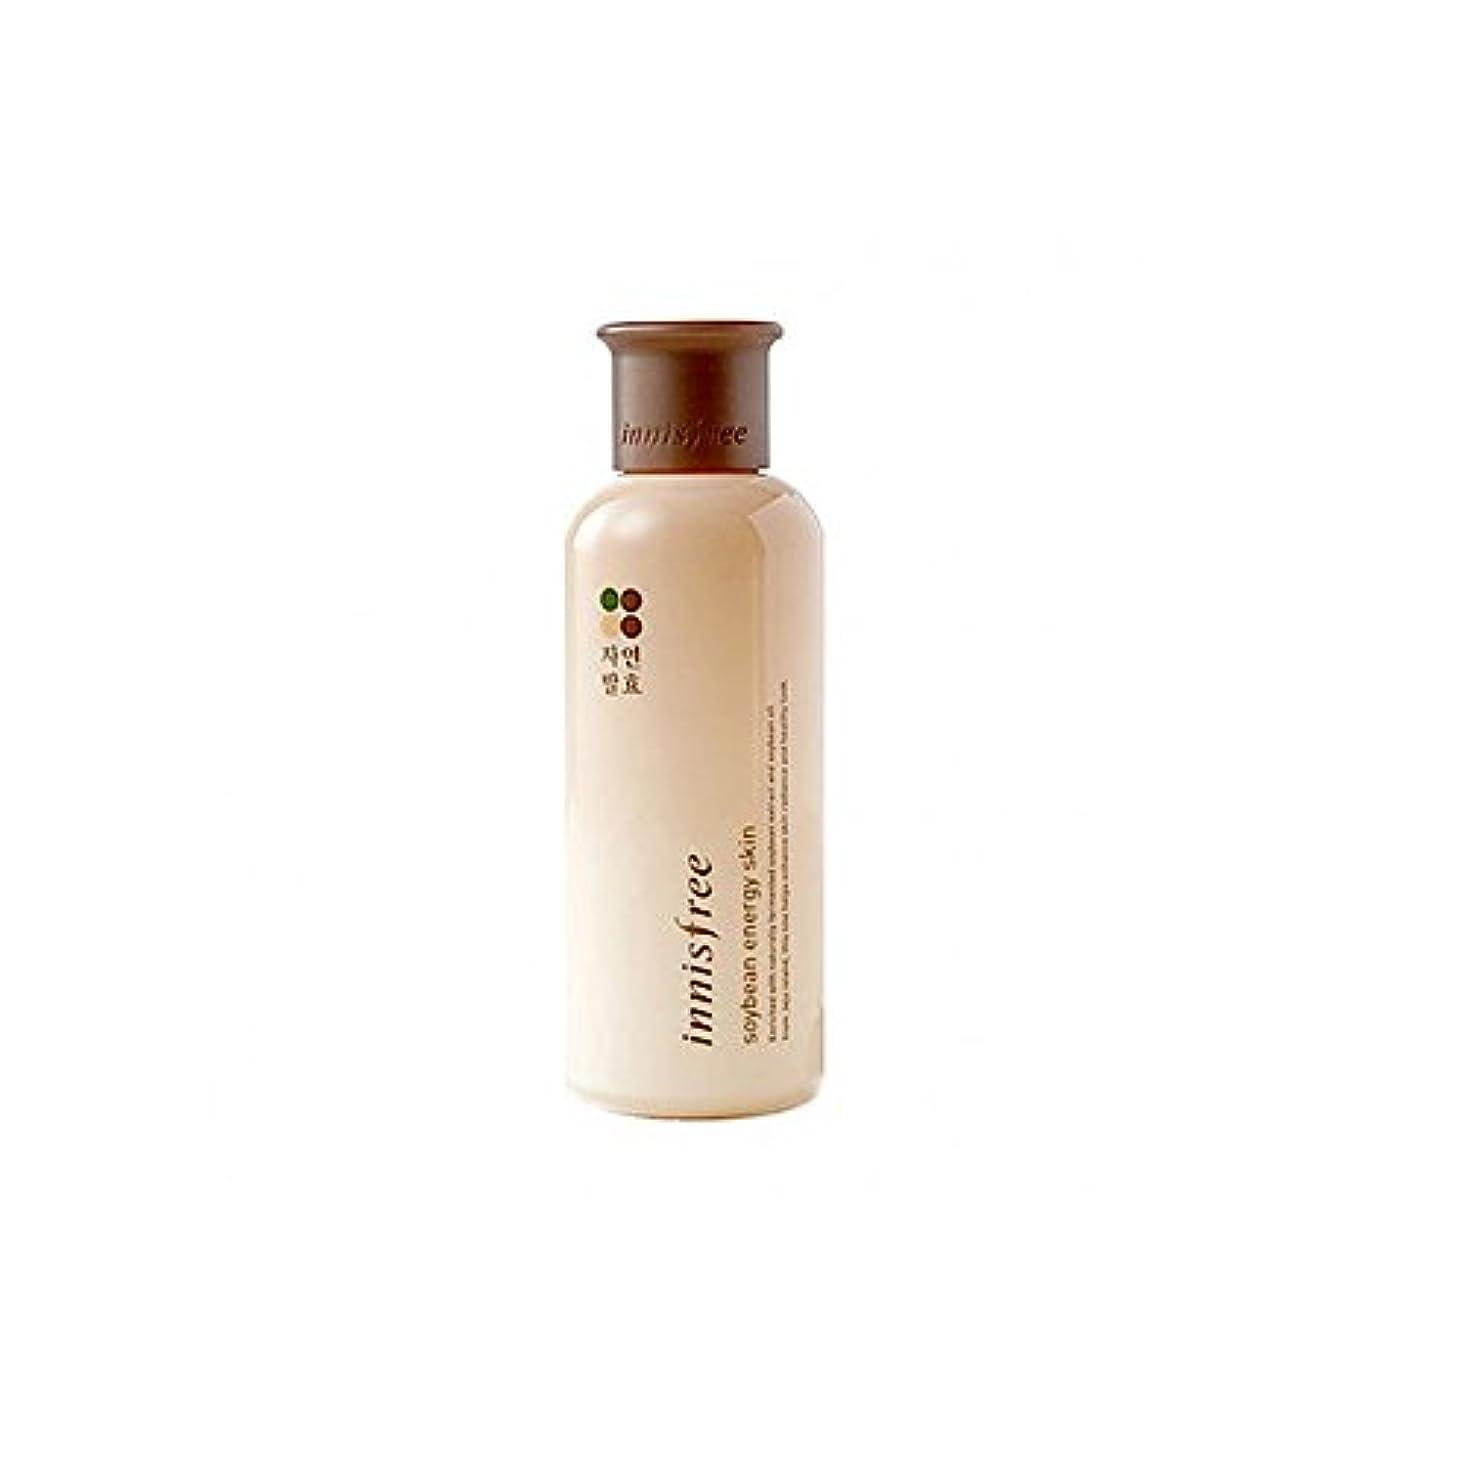 約信頼性のある努力[イニスフリー] Innisfree 発酵大豆エネジスキン (200ml) Innisfree Soy Bean Energy Skin(200ml) [海外直送品]